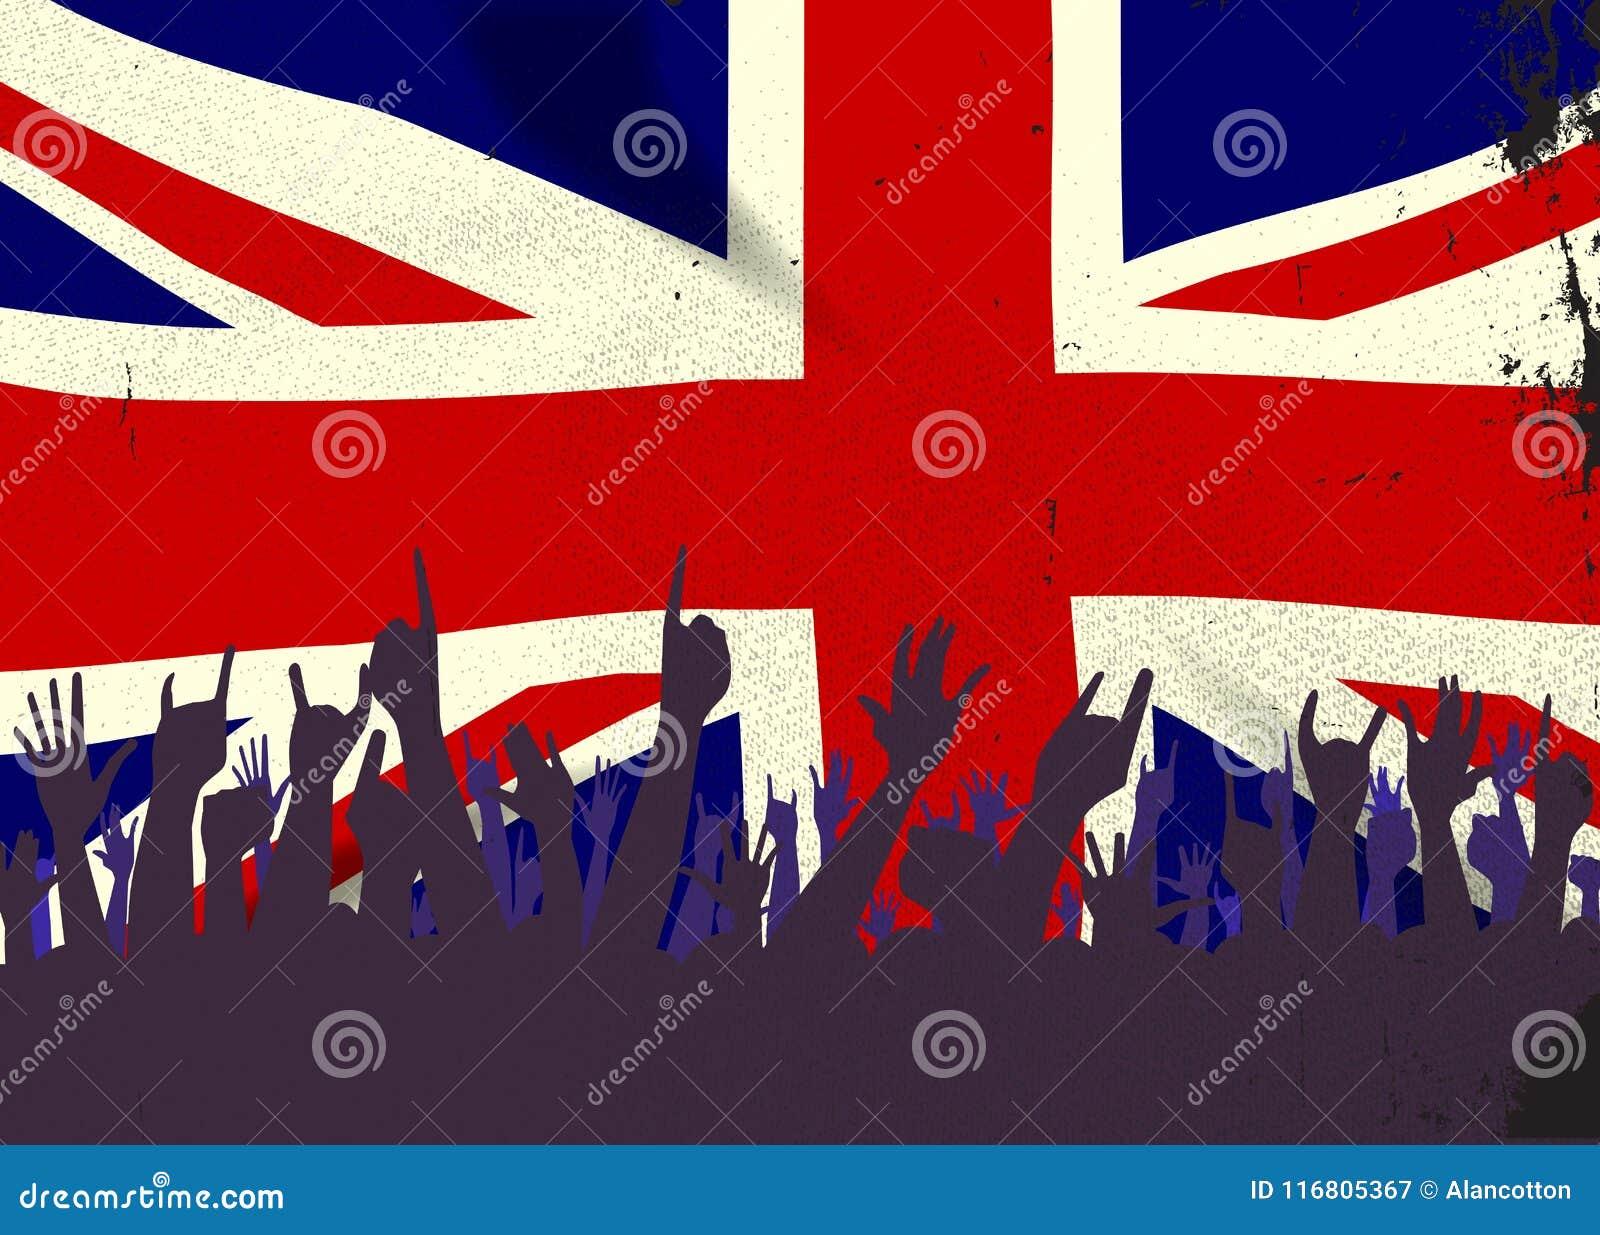 Bandiera dello stato dell Inghilterra con reazione del pubblico